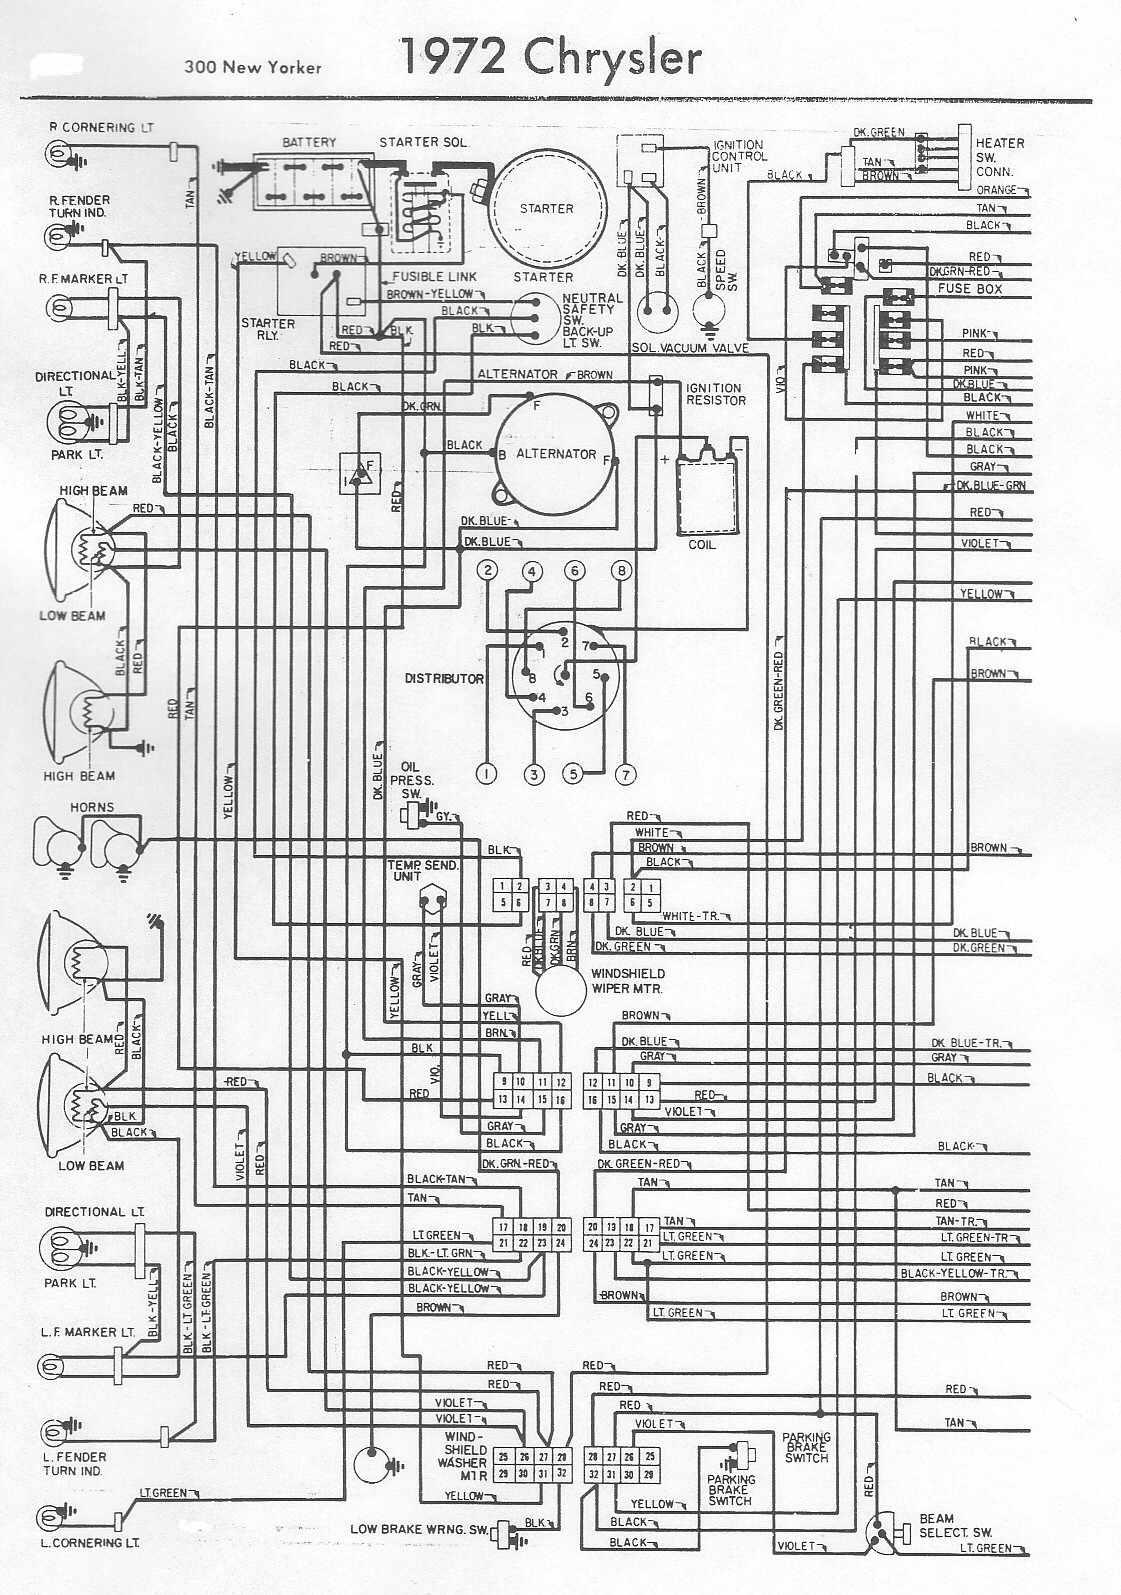 medium resolution of 1968 chrysler wiring diagram wiring diagram third level 1966 chrysler 300 1966 chrysler new yorker wiring